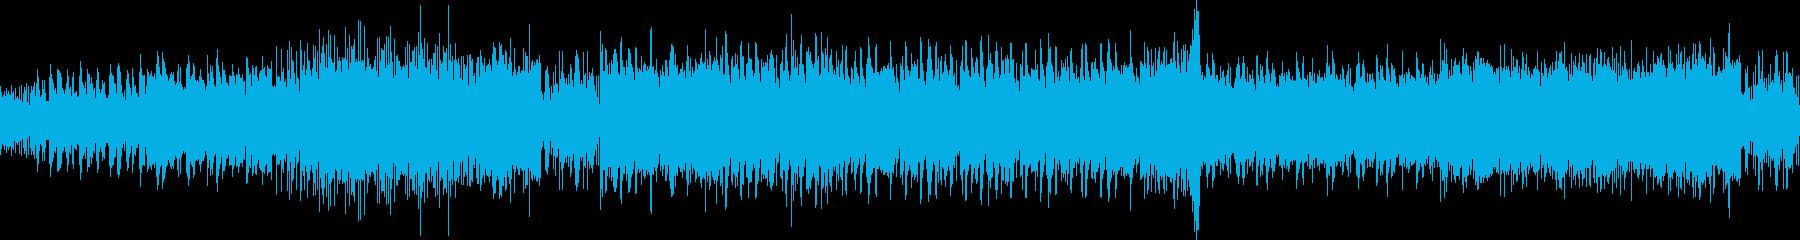 ドッシリ感とハイテンション同居のプログレの再生済みの波形